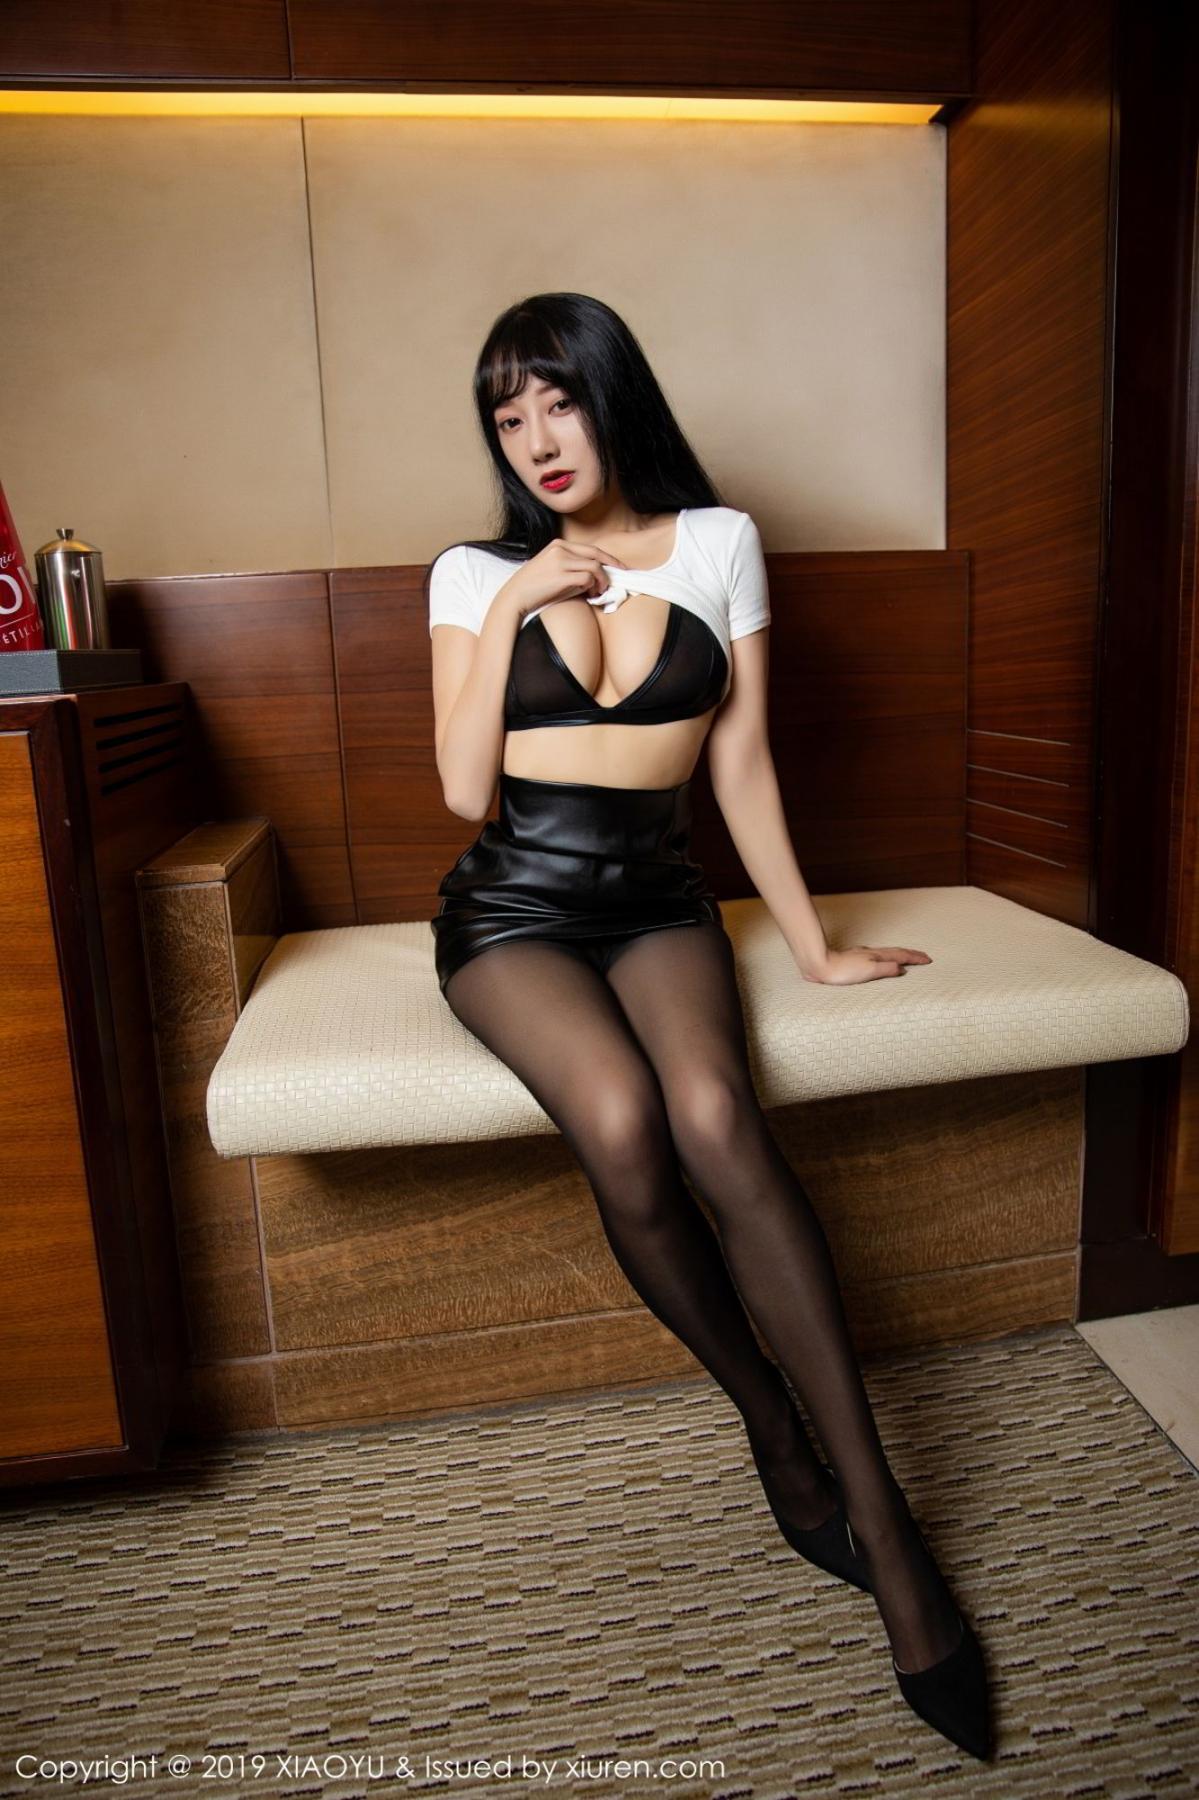 [XiaoYu] Vol.092 He Jia Ying 3P, Black Silk, He Jia Ying, Tall, Underwear, XiaoYu